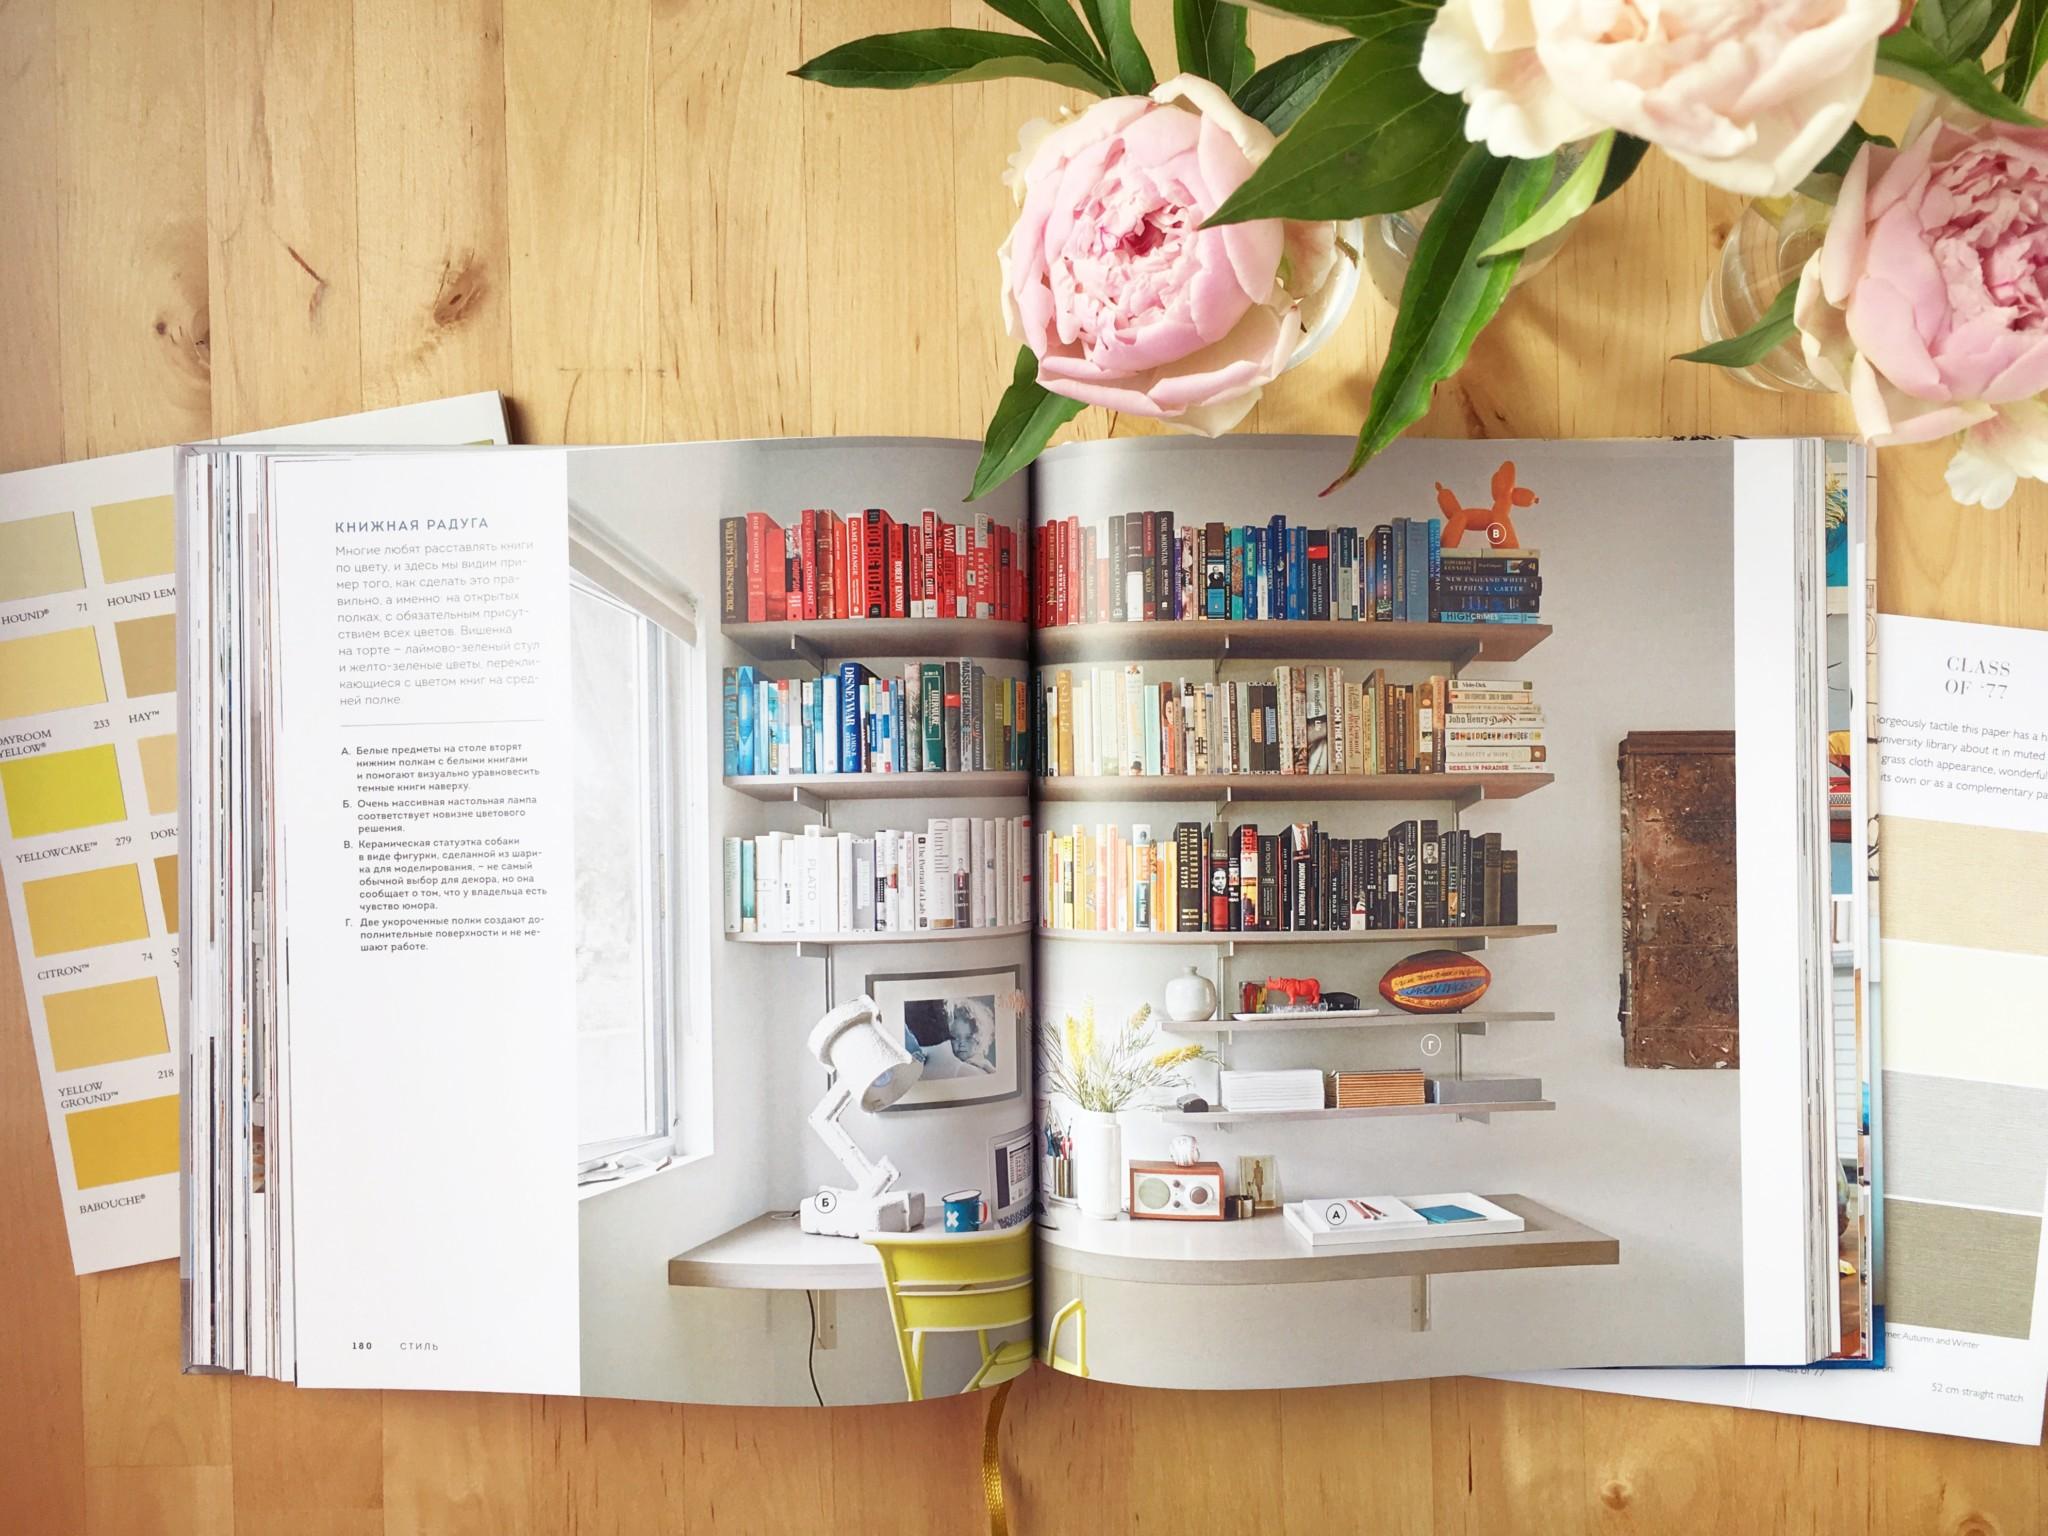 Обзор книги «Стиль» Эмили Хендерсон | Блог Варвары Лялягиной «Дом, в который хочется приходить»